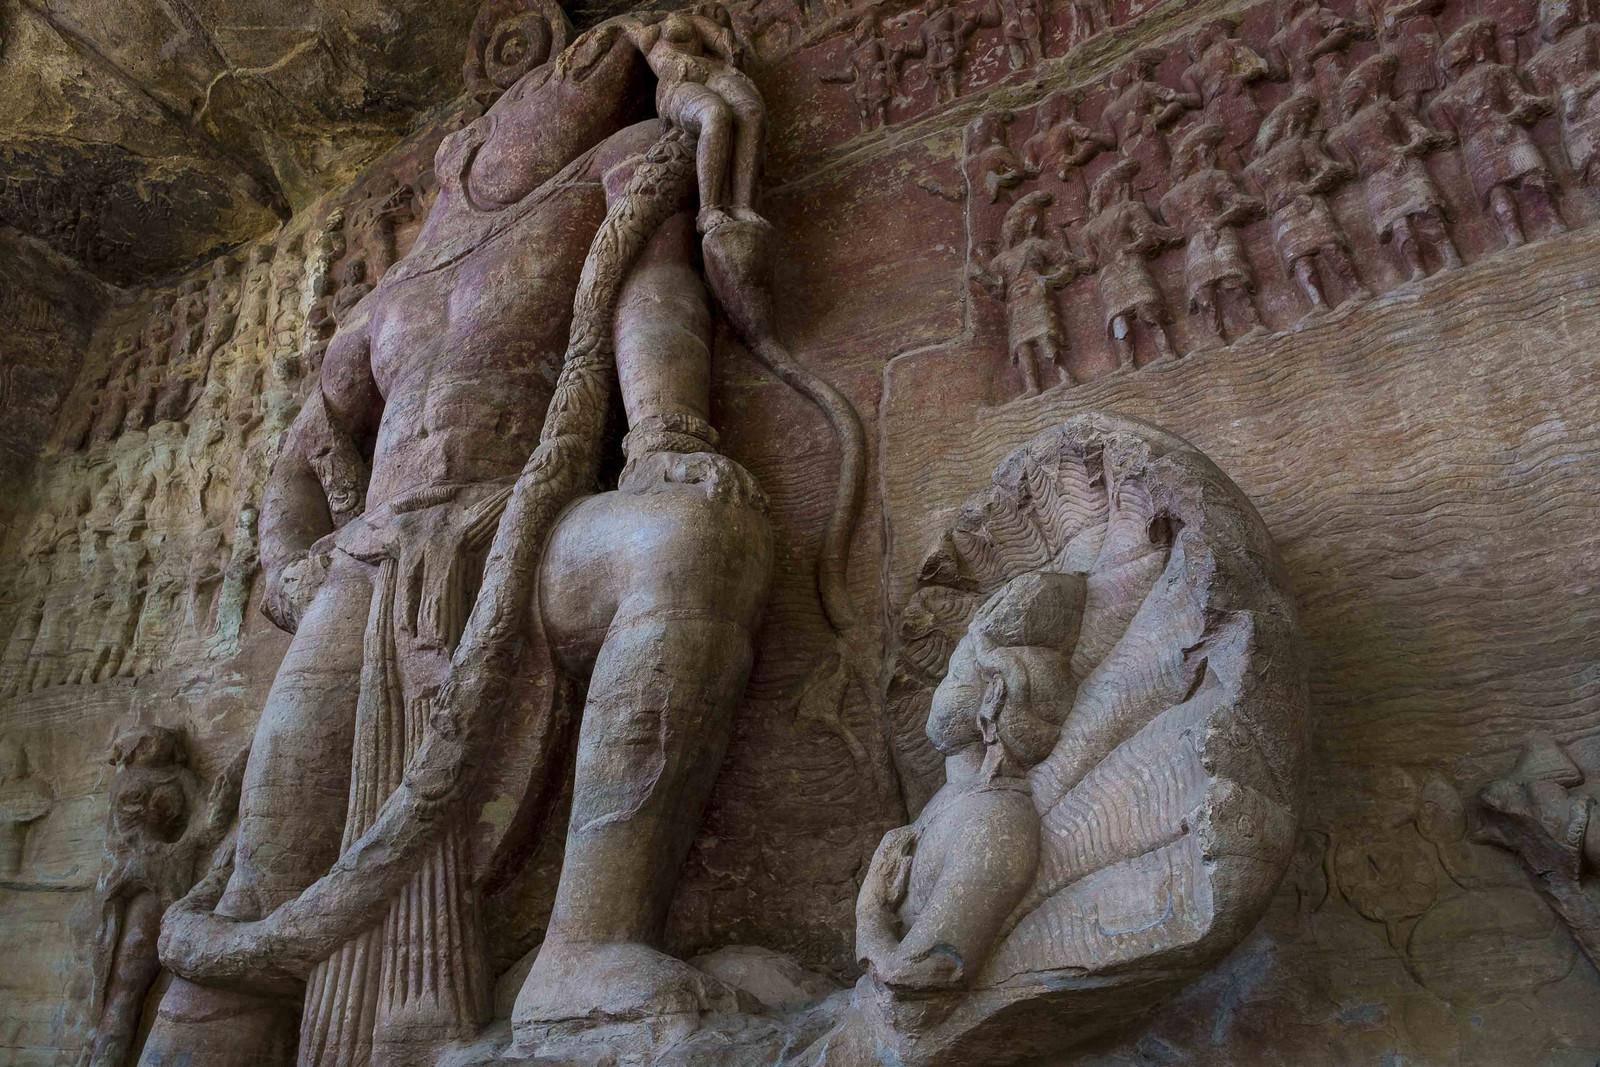 Vishnu Boar avatar Udayagiri Caves Bhopal